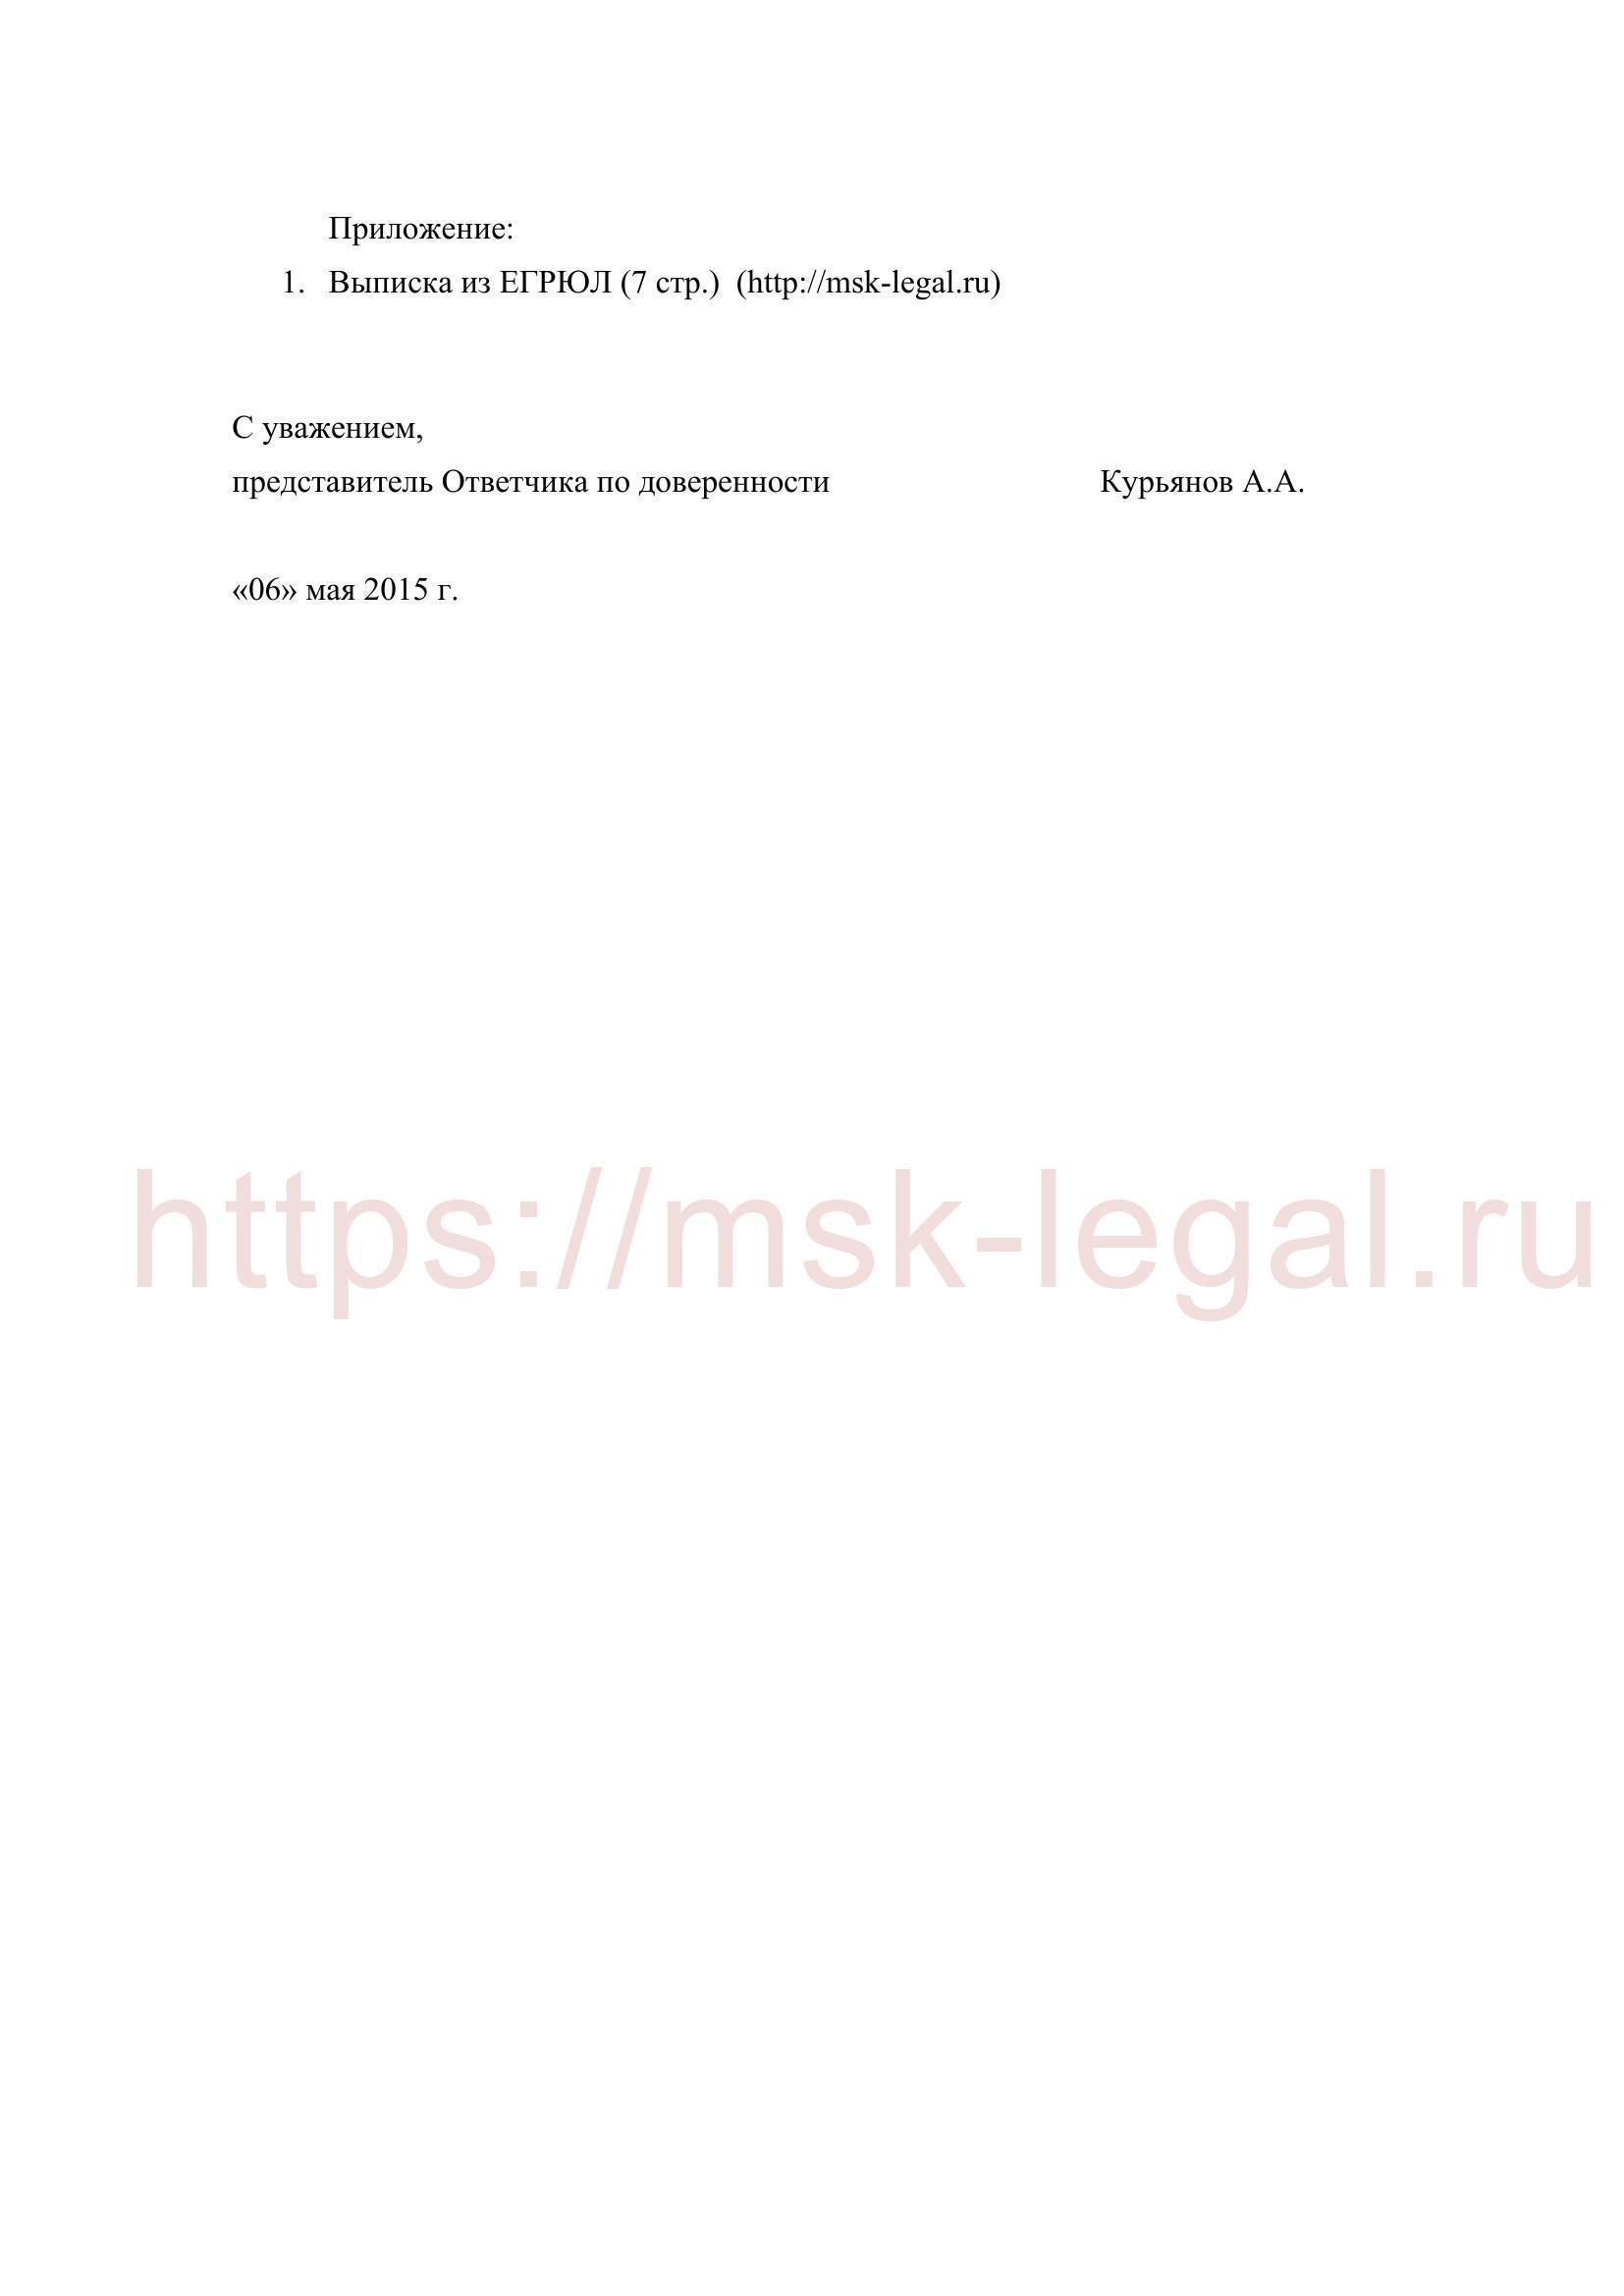 Возражения на иск об обязании заключить договор